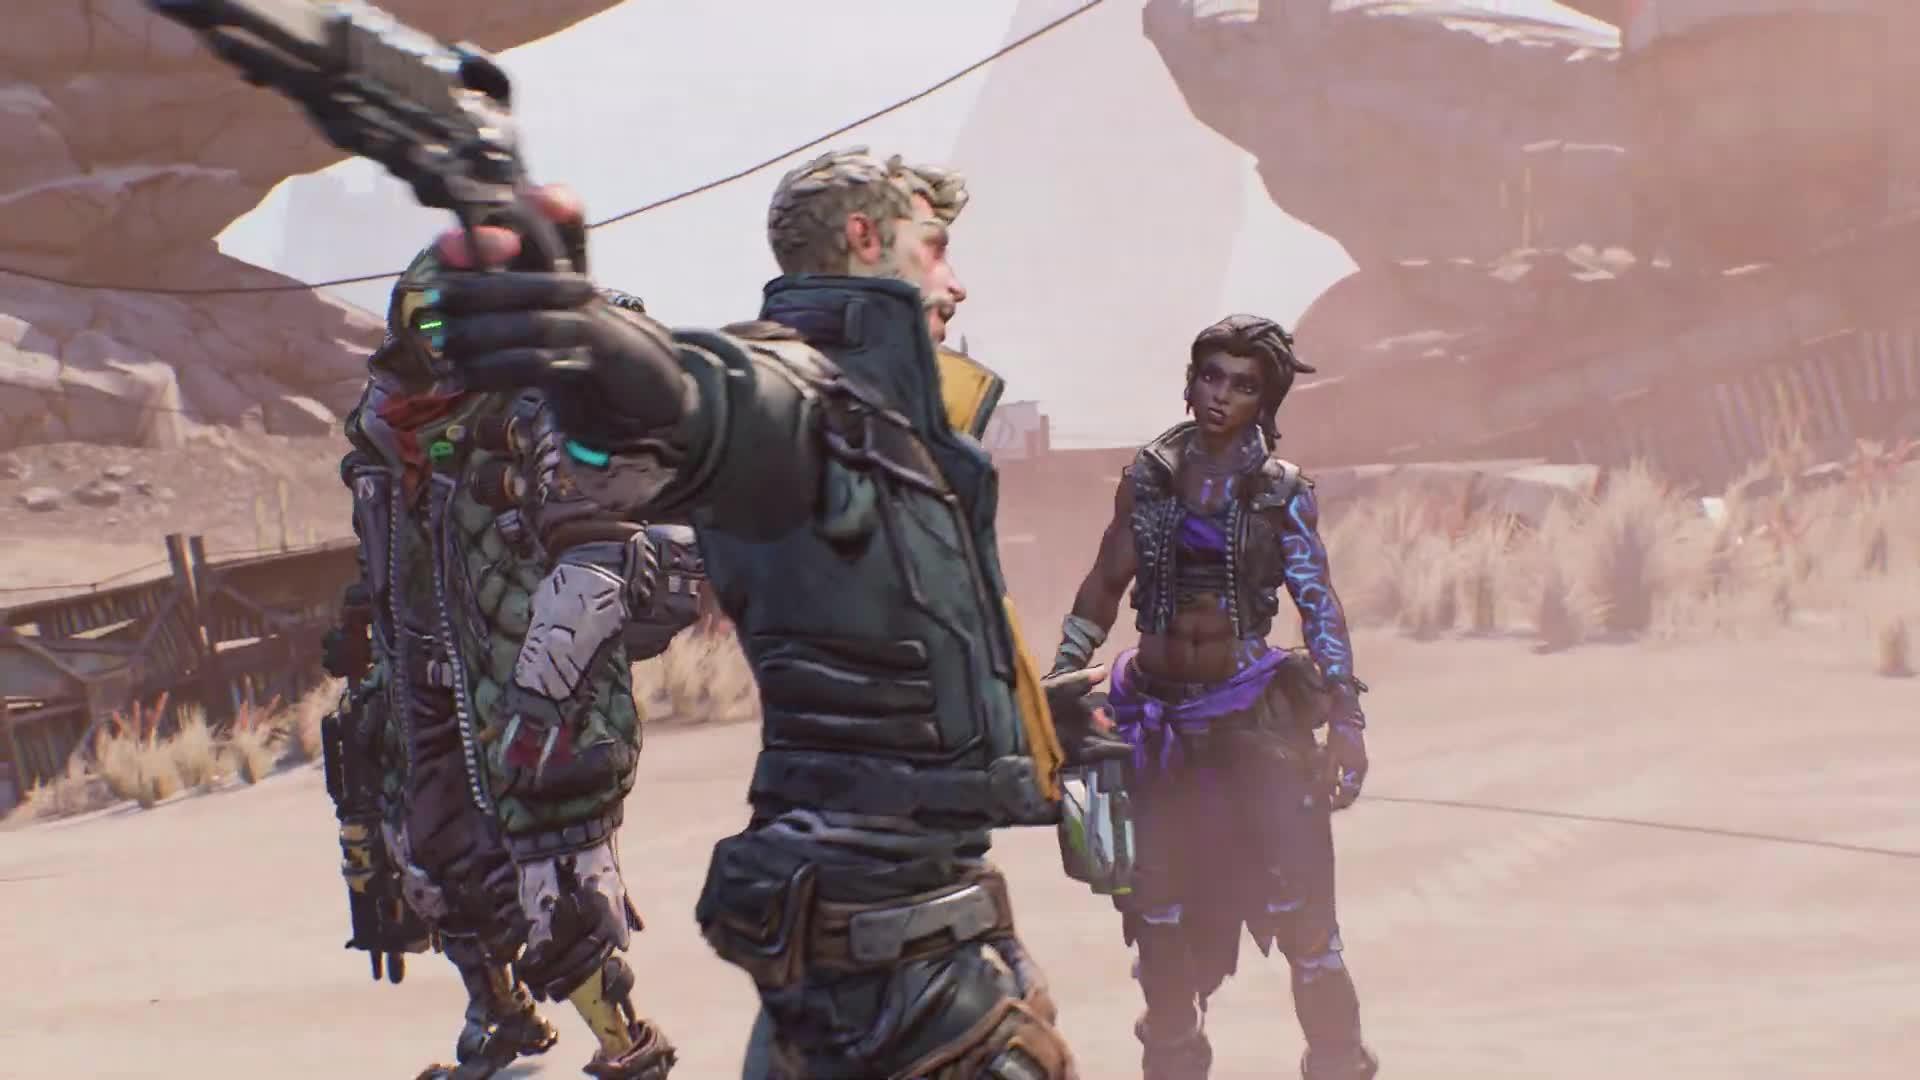 Trailer, Ego-Shooter, 2K Games, Borderlands, Borderlands 3